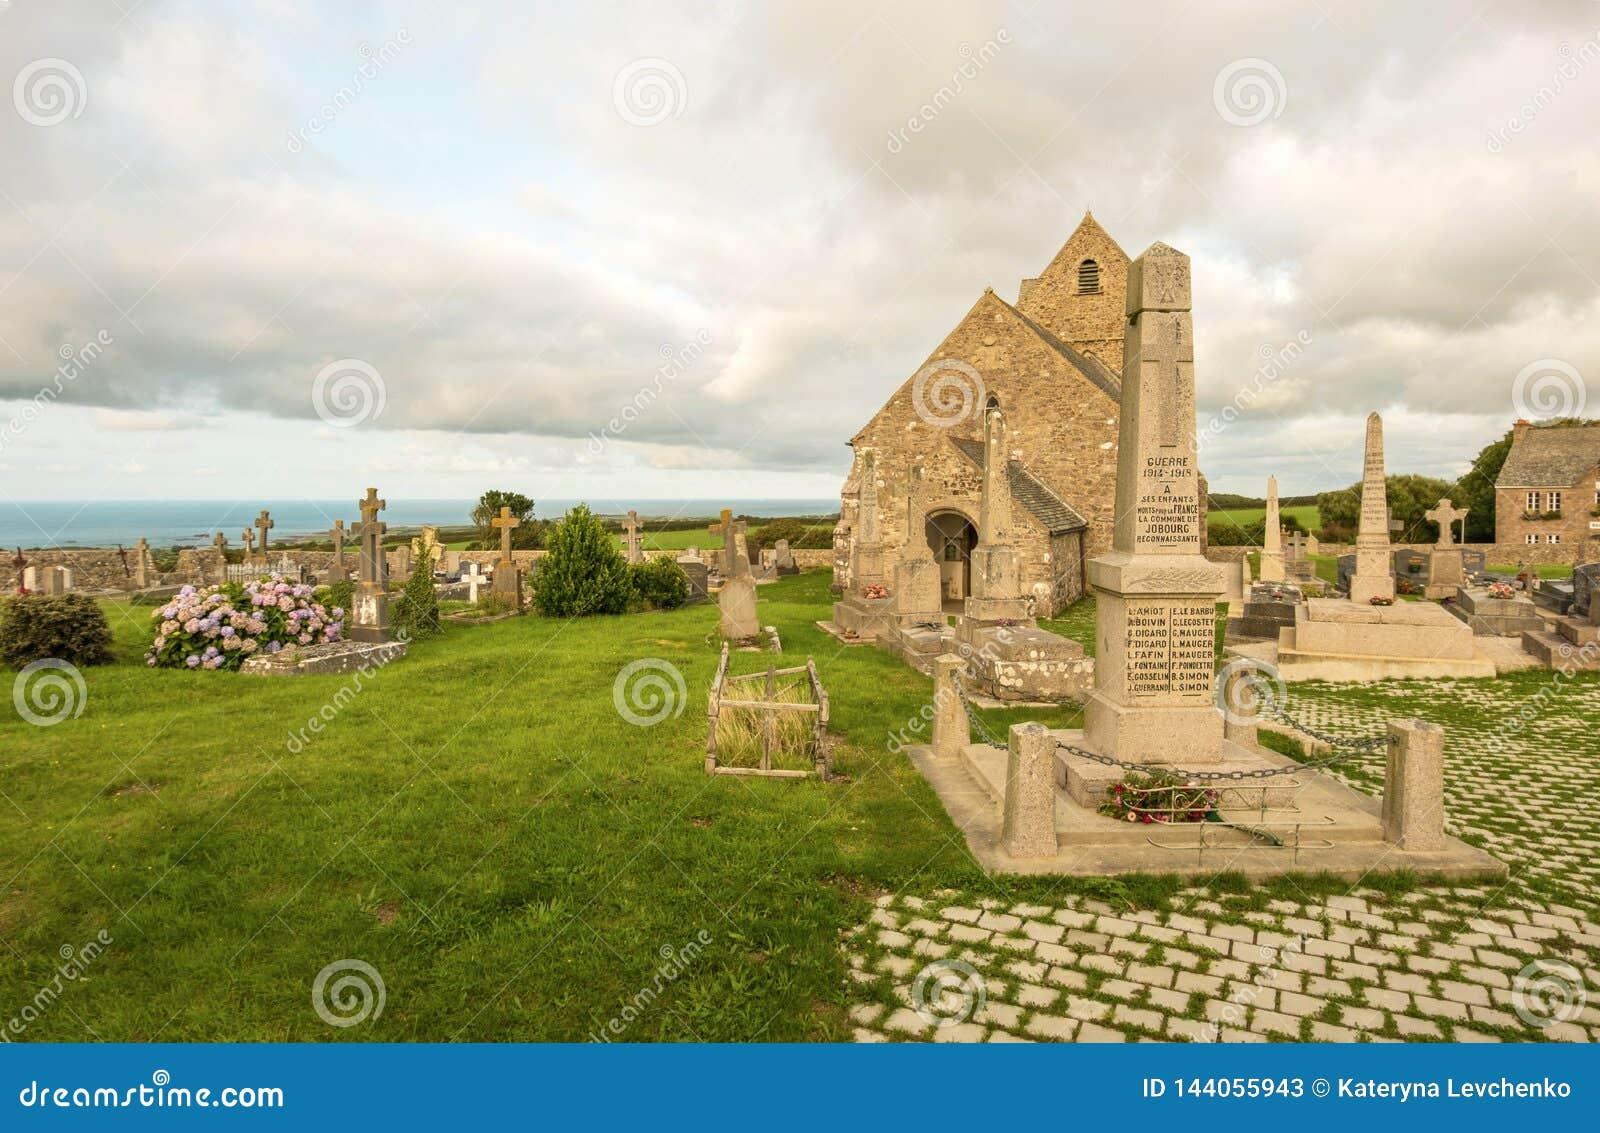 Igreja antiga Notre-Dame de Jobourg e la Haia do cemitério, Normandy, França